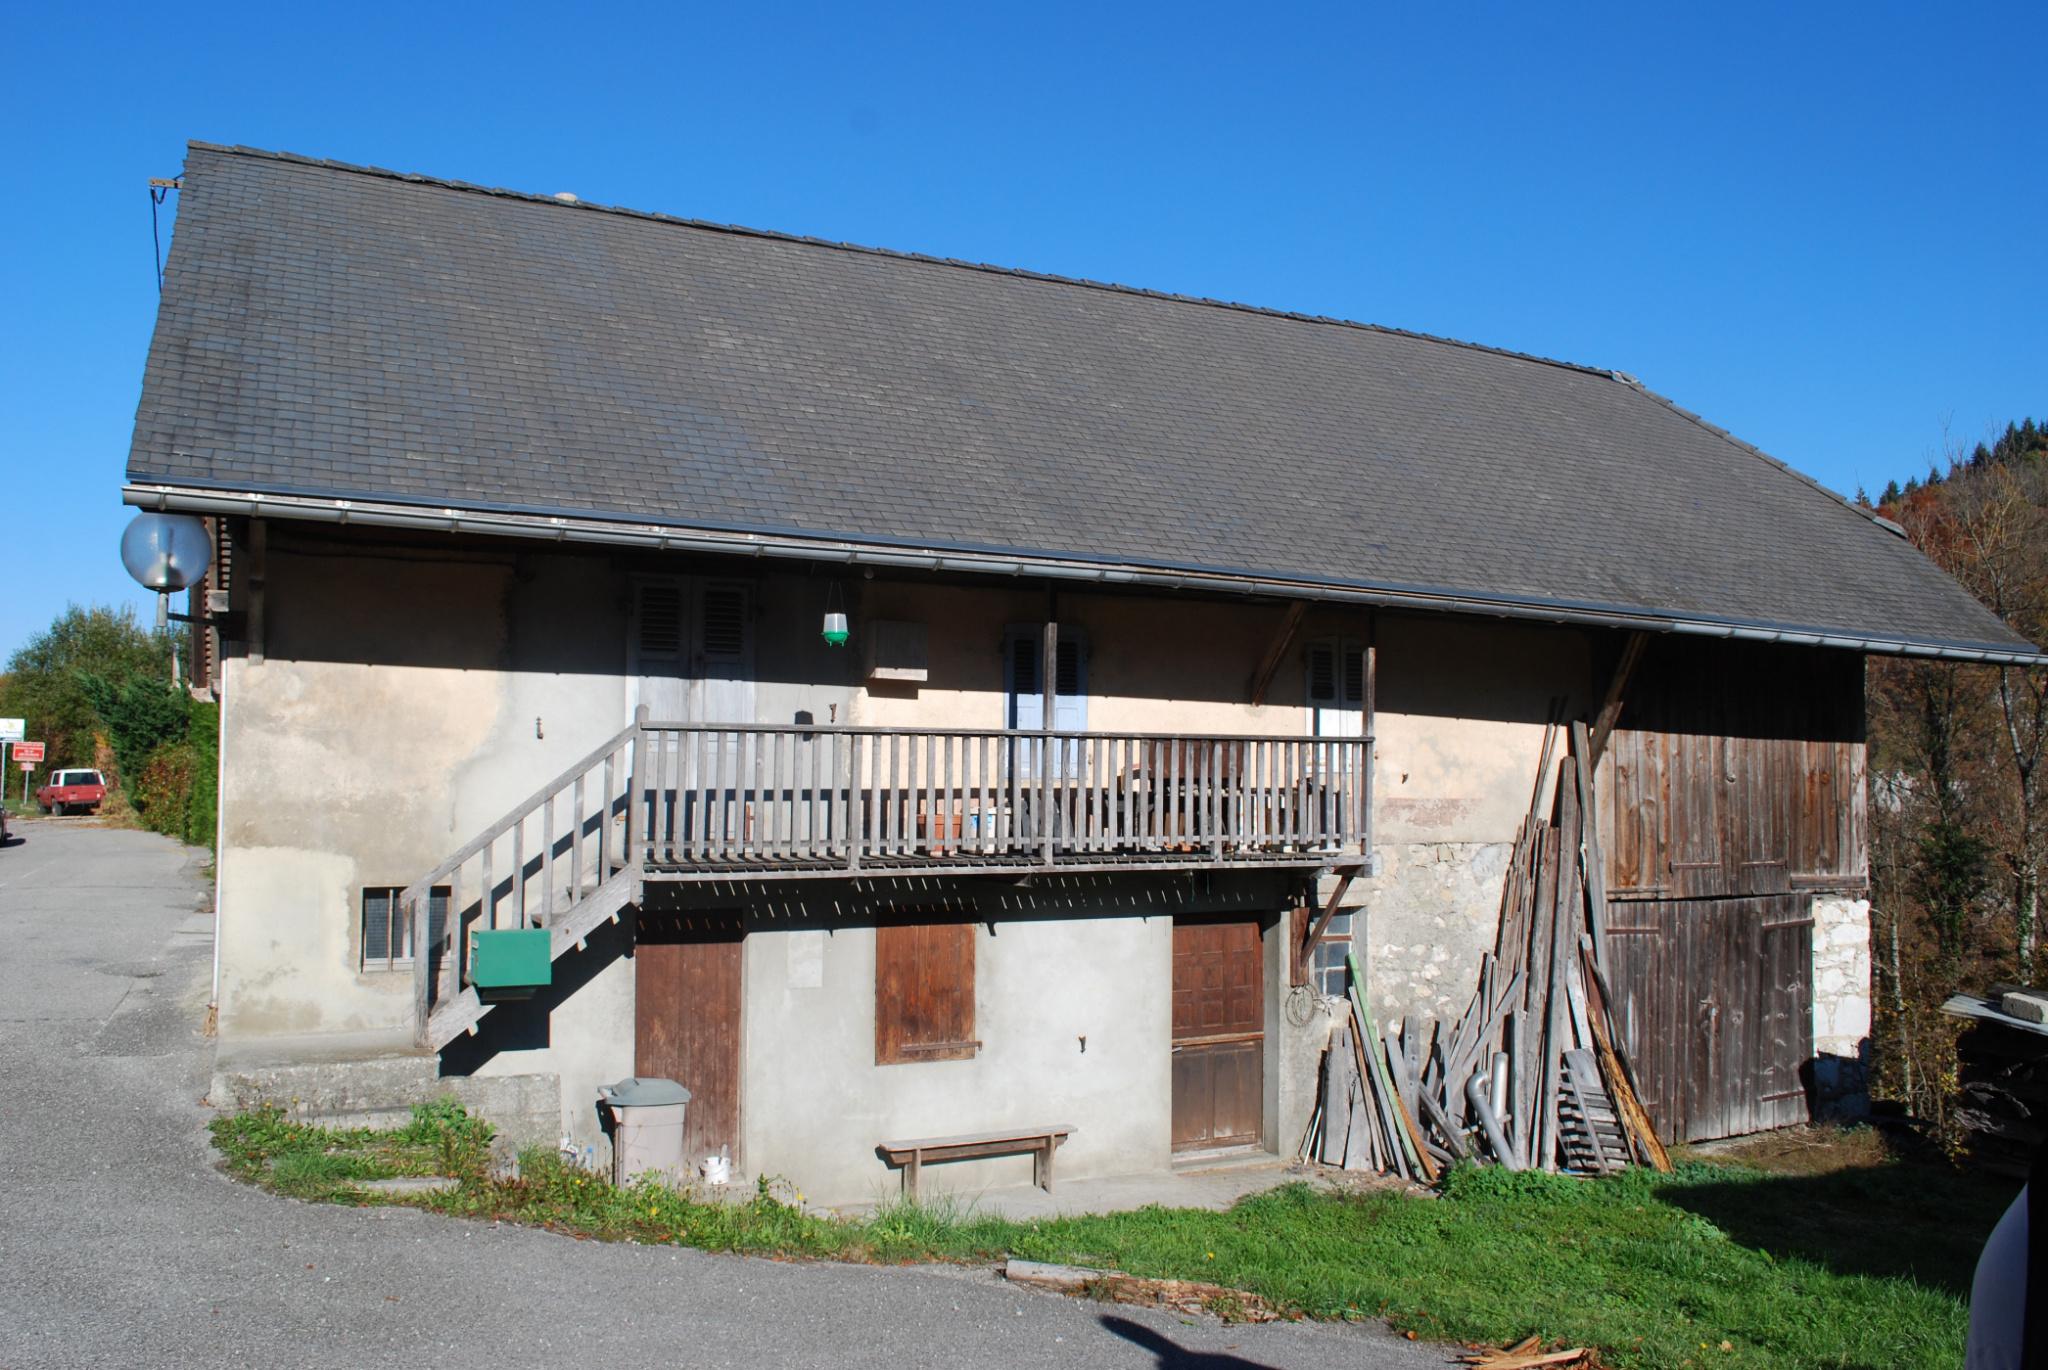 Vente maison annecy le vieux 74940 sur le partenaire for Annecy maison